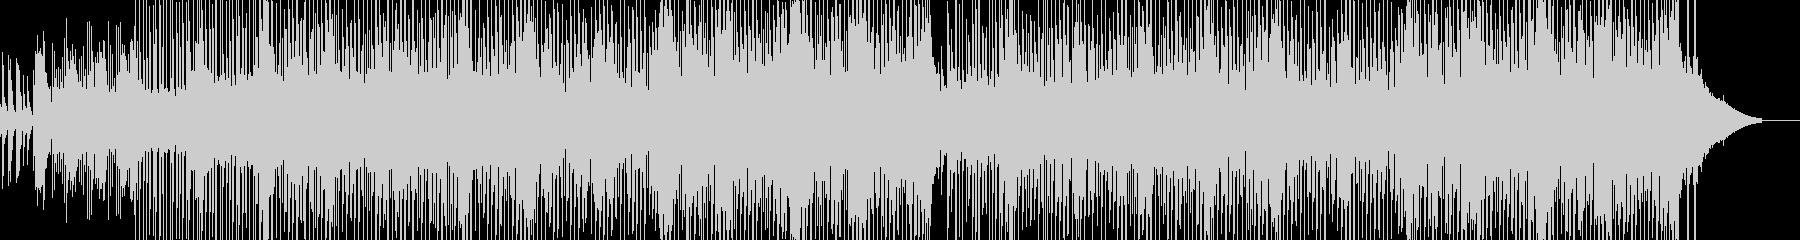 カラフルでメルヘンなアワ風呂イメージの未再生の波形